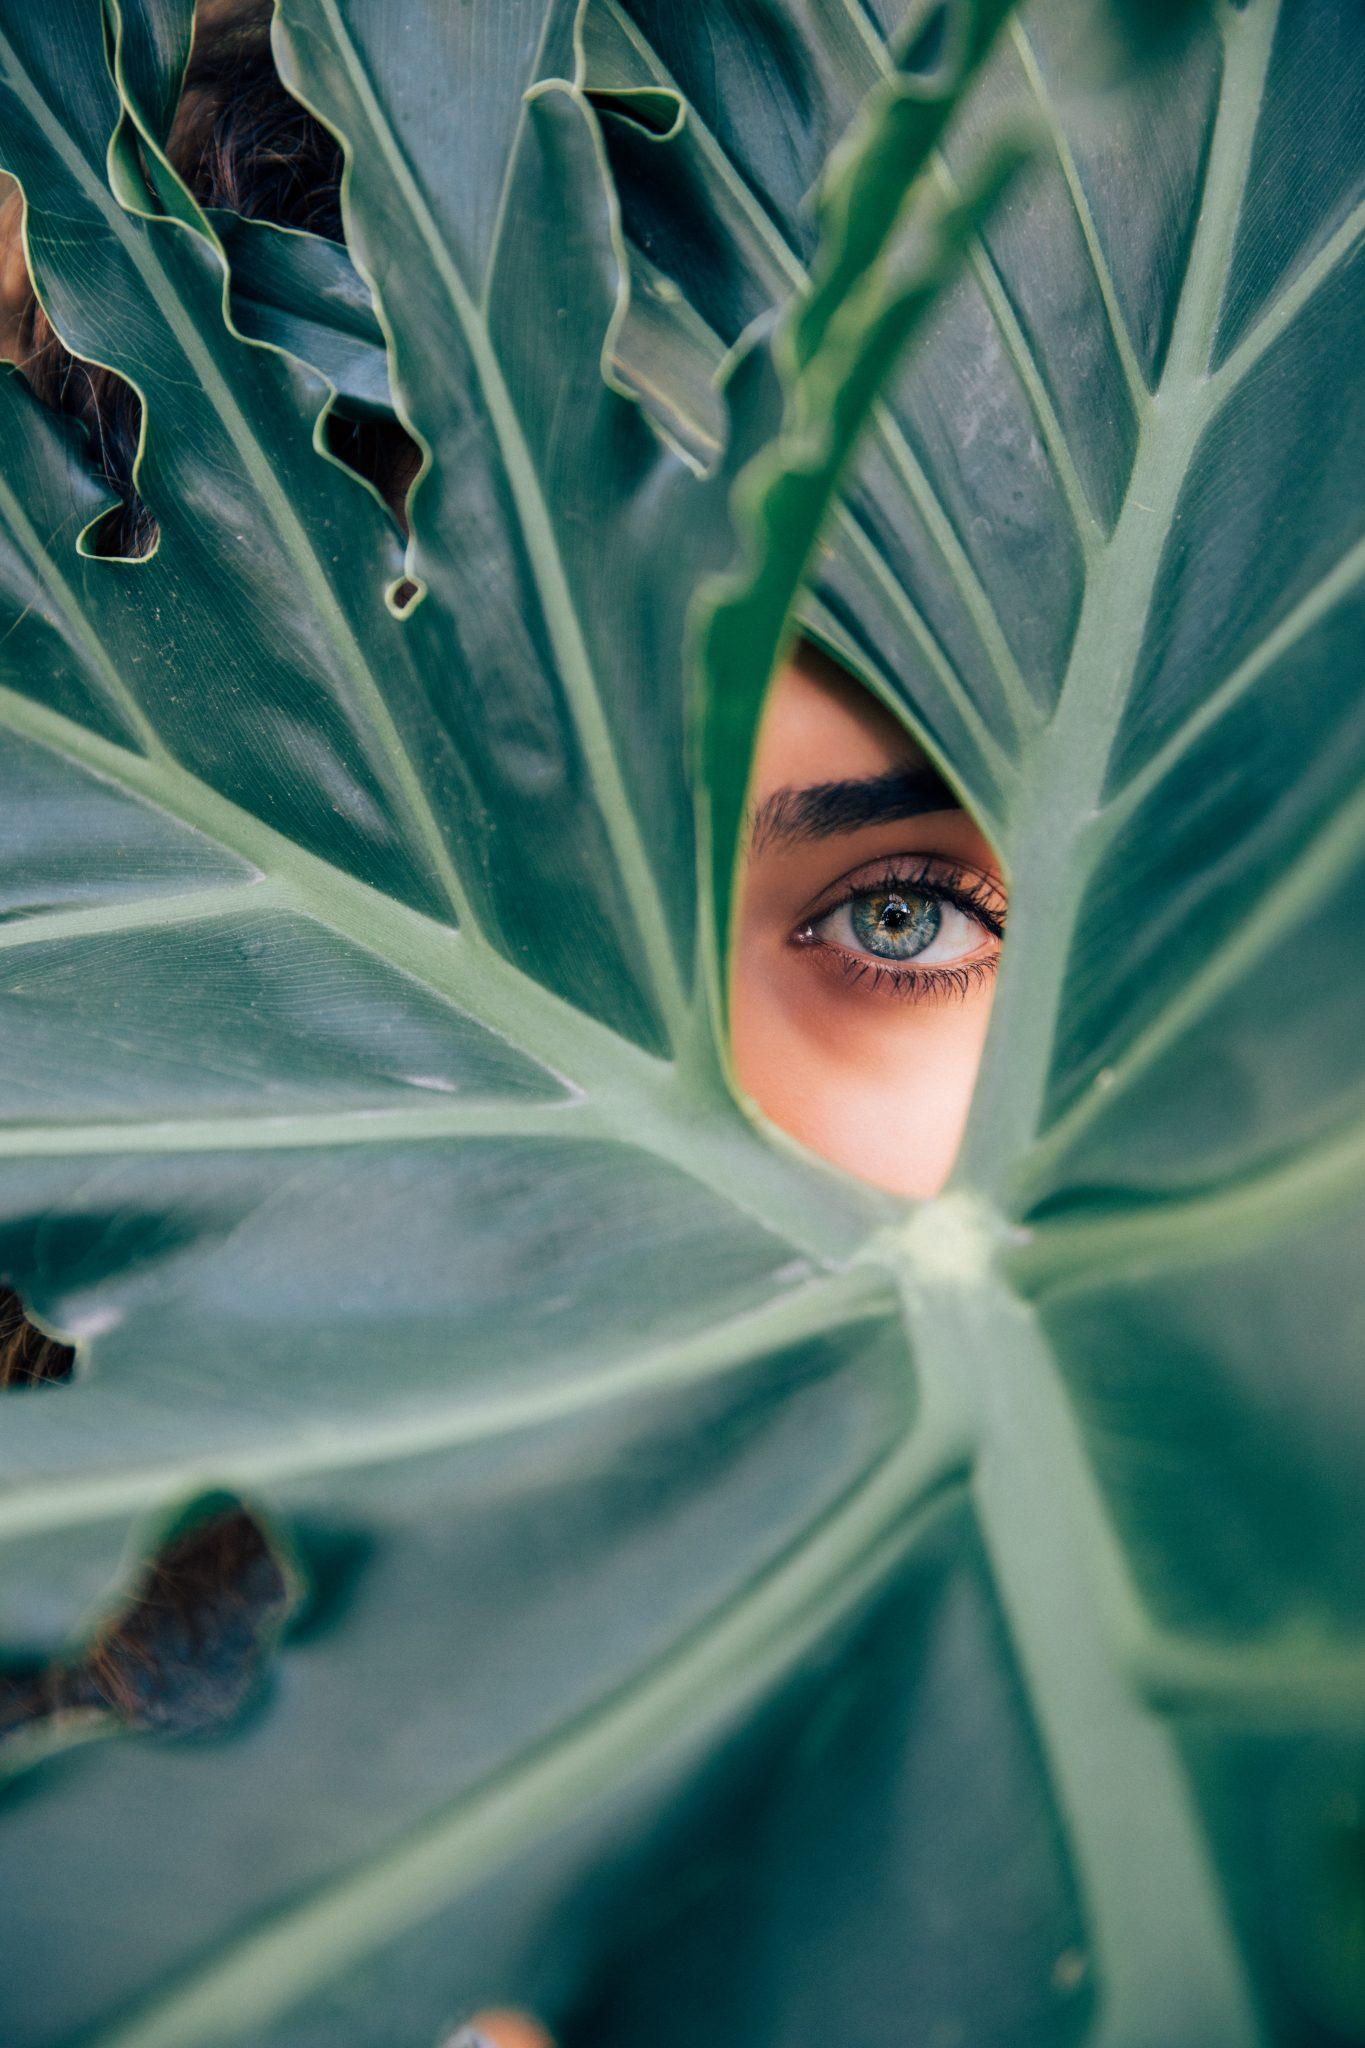 Eye looking through bushes